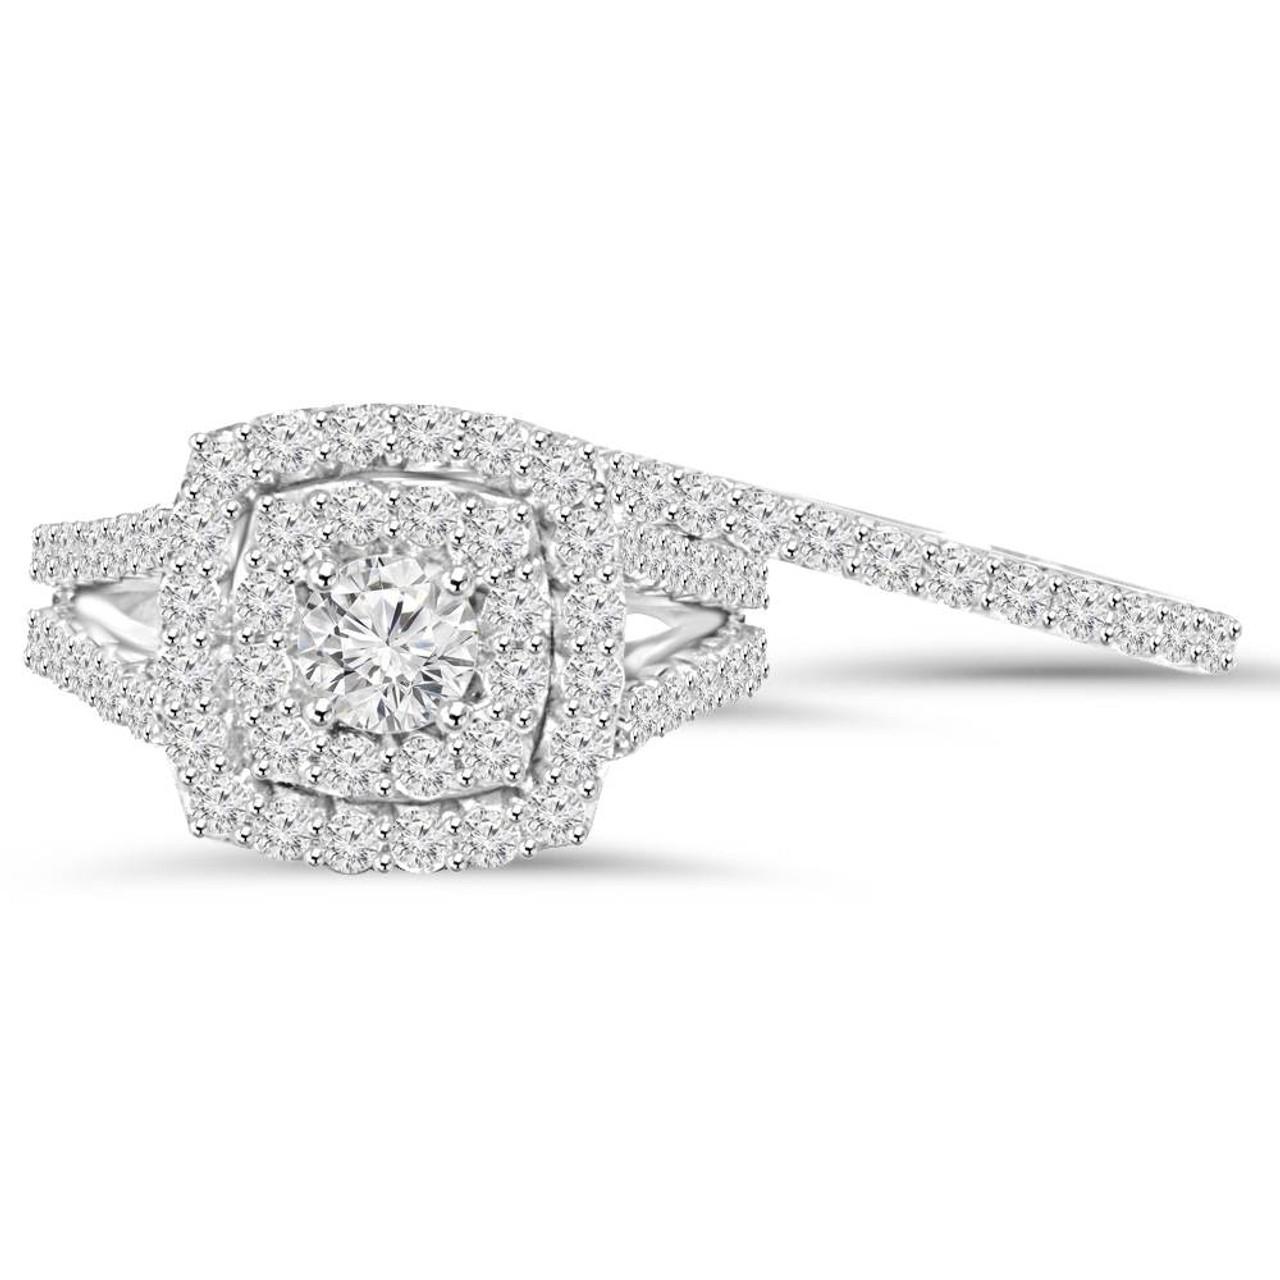 2 Cttw Diamond Cushion Double Halo Engagement Wedding Ring Set 10k White  Gold (I J, I1 I2)